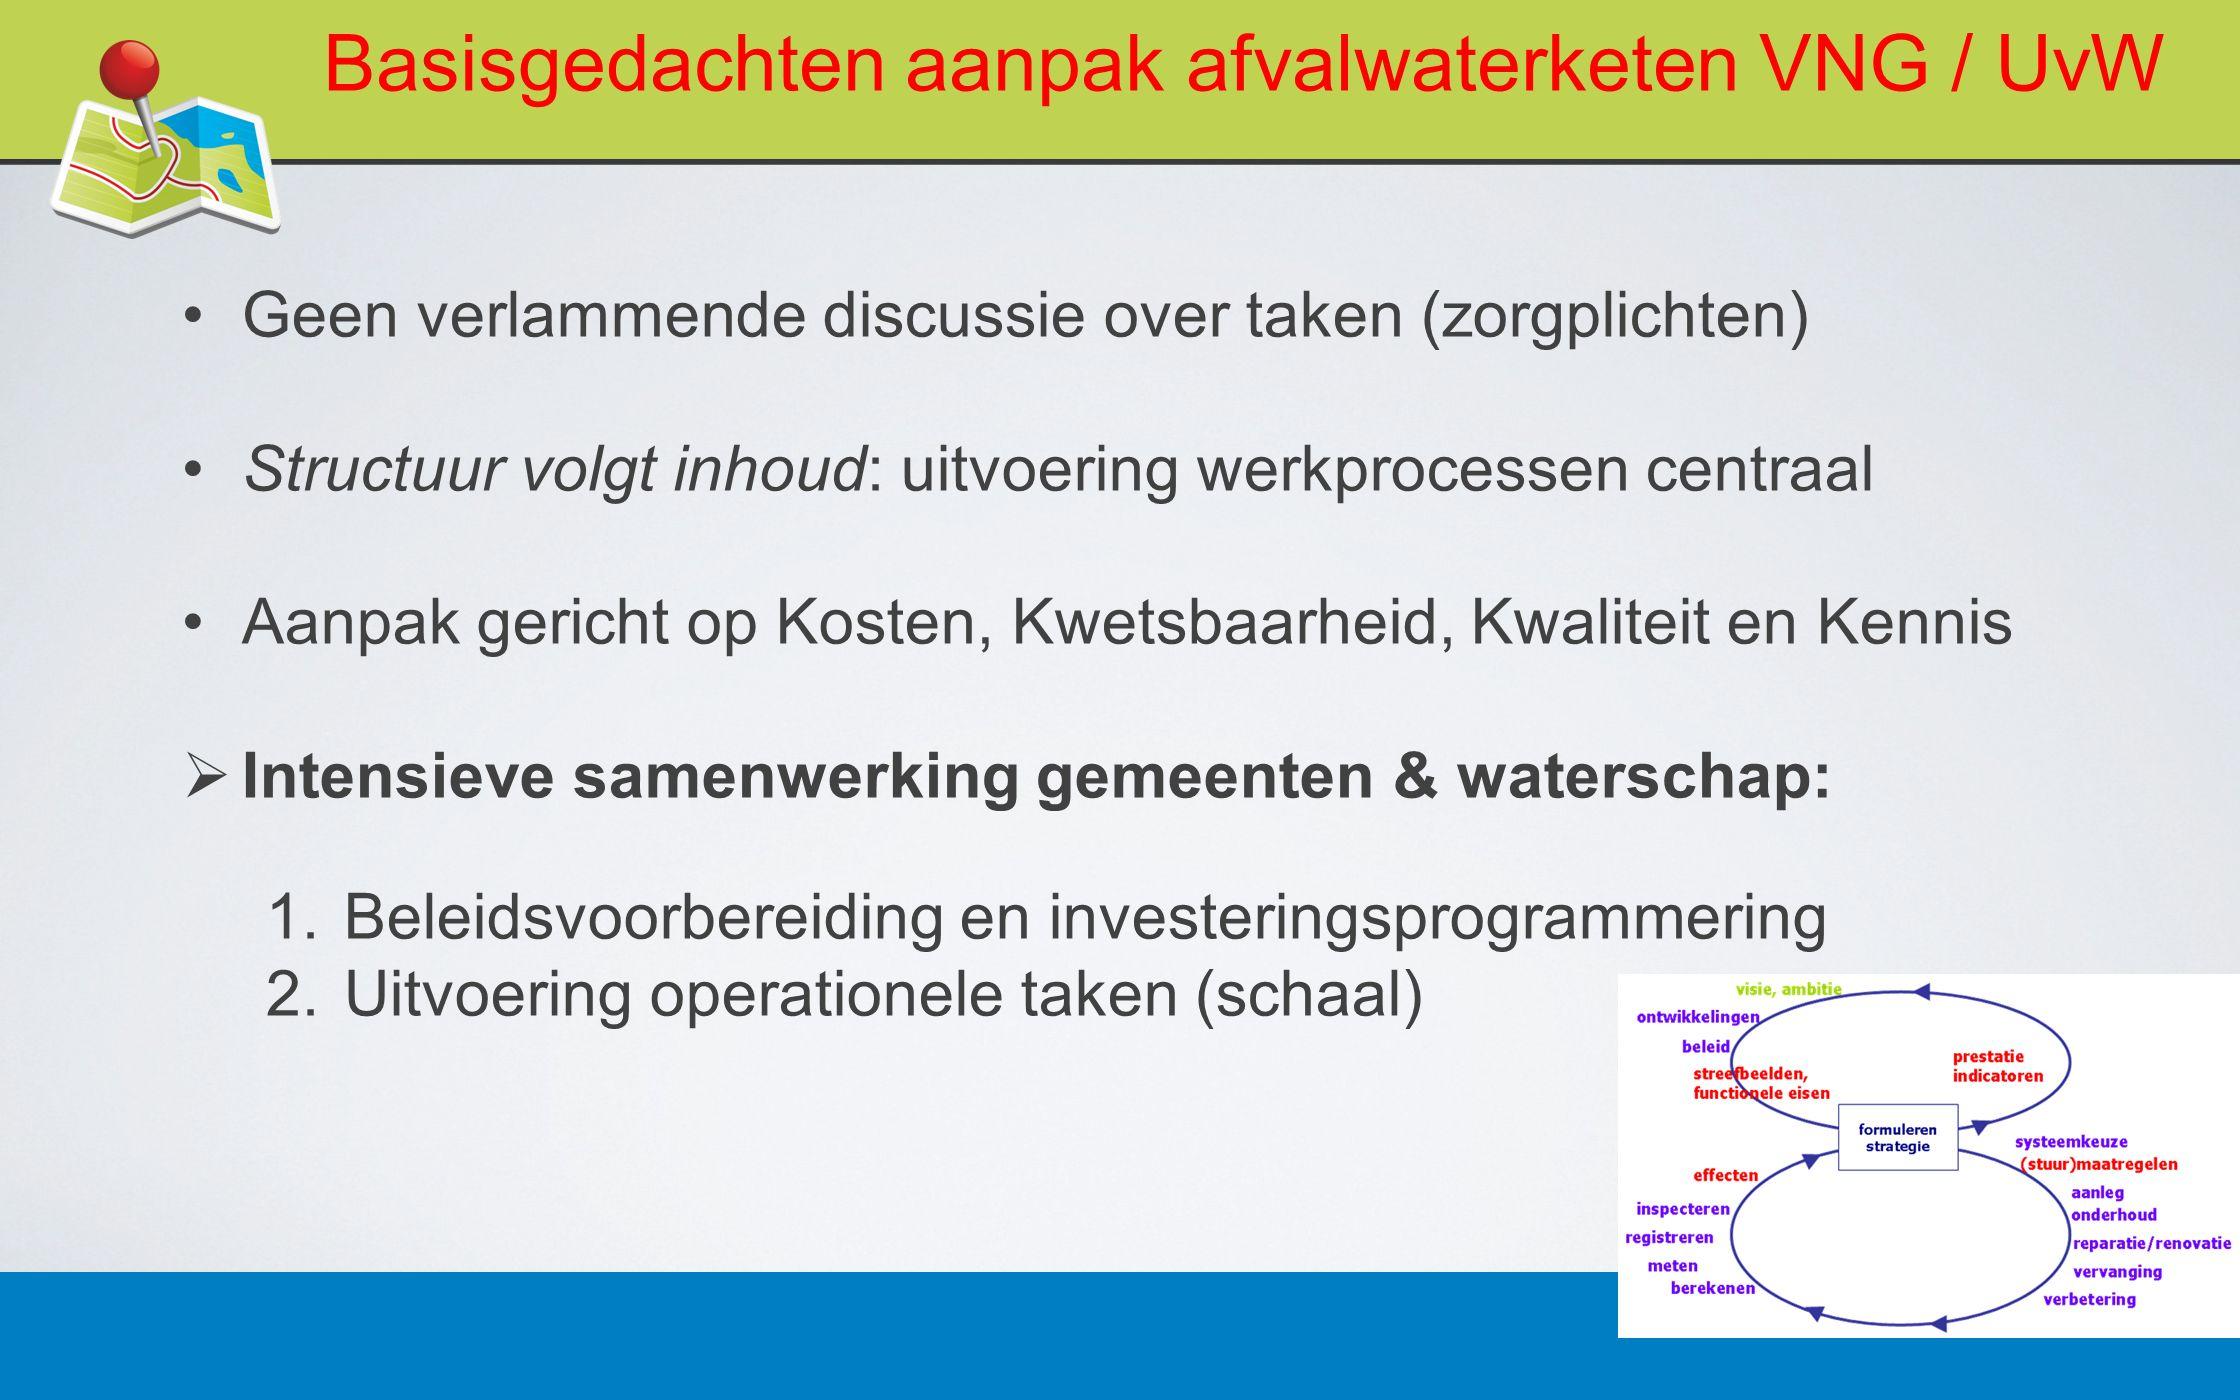 27 februari 20133 Basisgedachten aanpak afvalwaterketen VNG / UvW Geen verlammende discussie over taken (zorgplichten) Structuur volgt inhoud: uitvoer